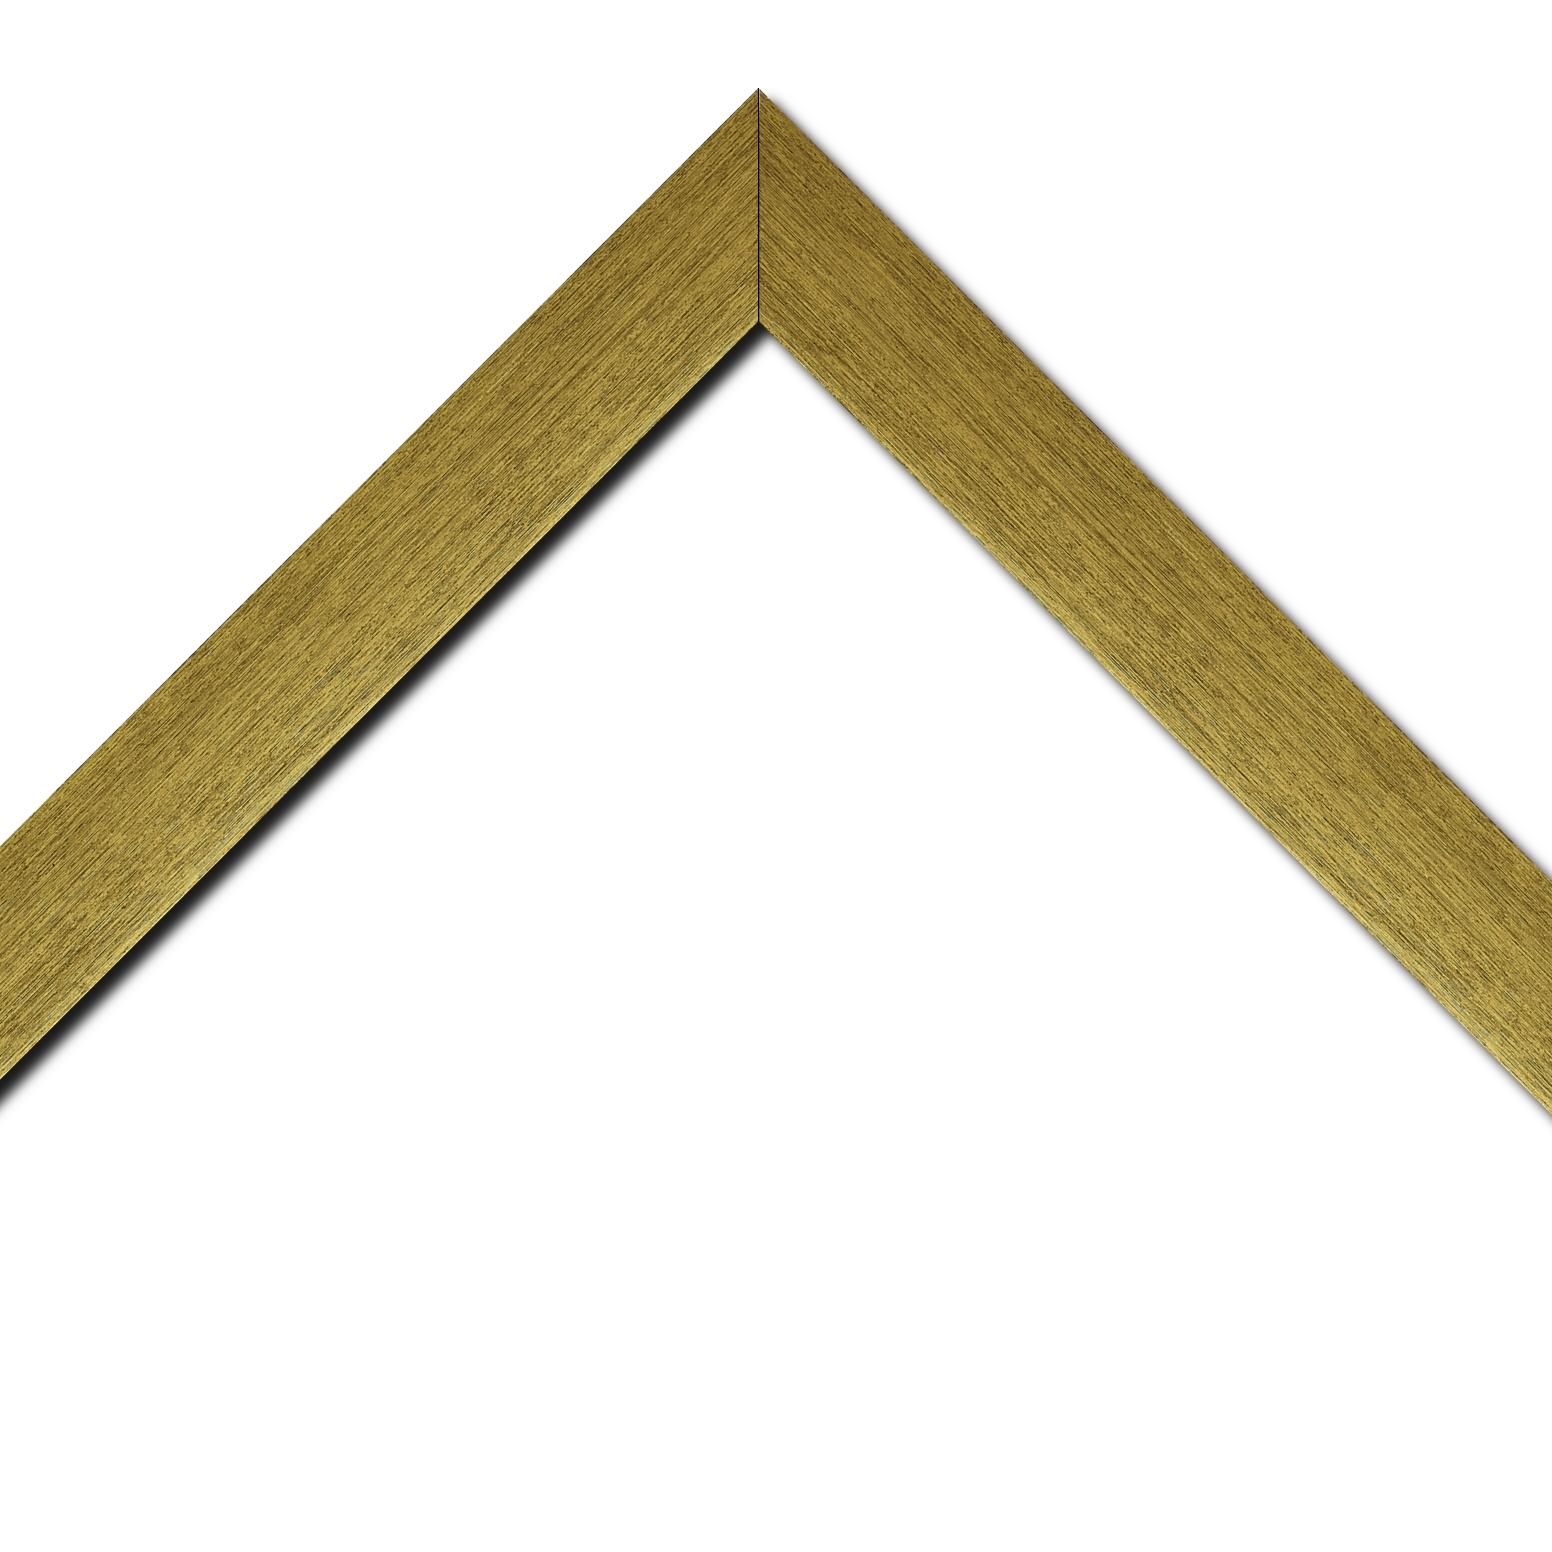 Baguette bois profil plat largeur 4cm or contemporain satiné haut de gamme